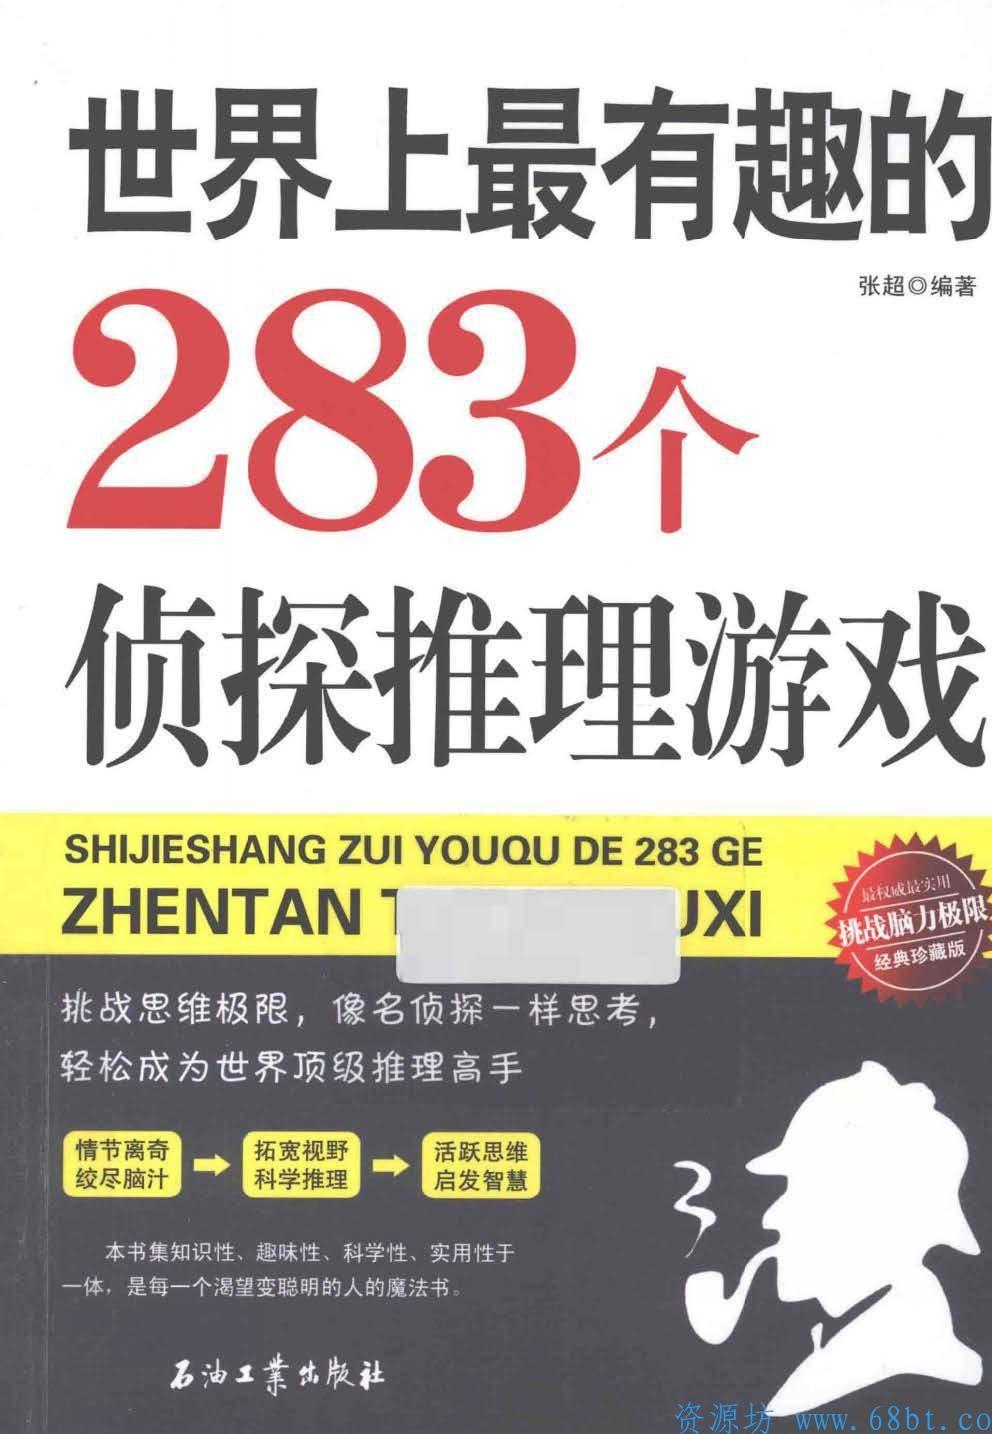 [书籍] 世界上最有趣的 283 个侦探推理游戏 经典珍藏版(挑战思维极限,轻松成为世界顶级推理家),书籍,游戏,珍藏版,第1张